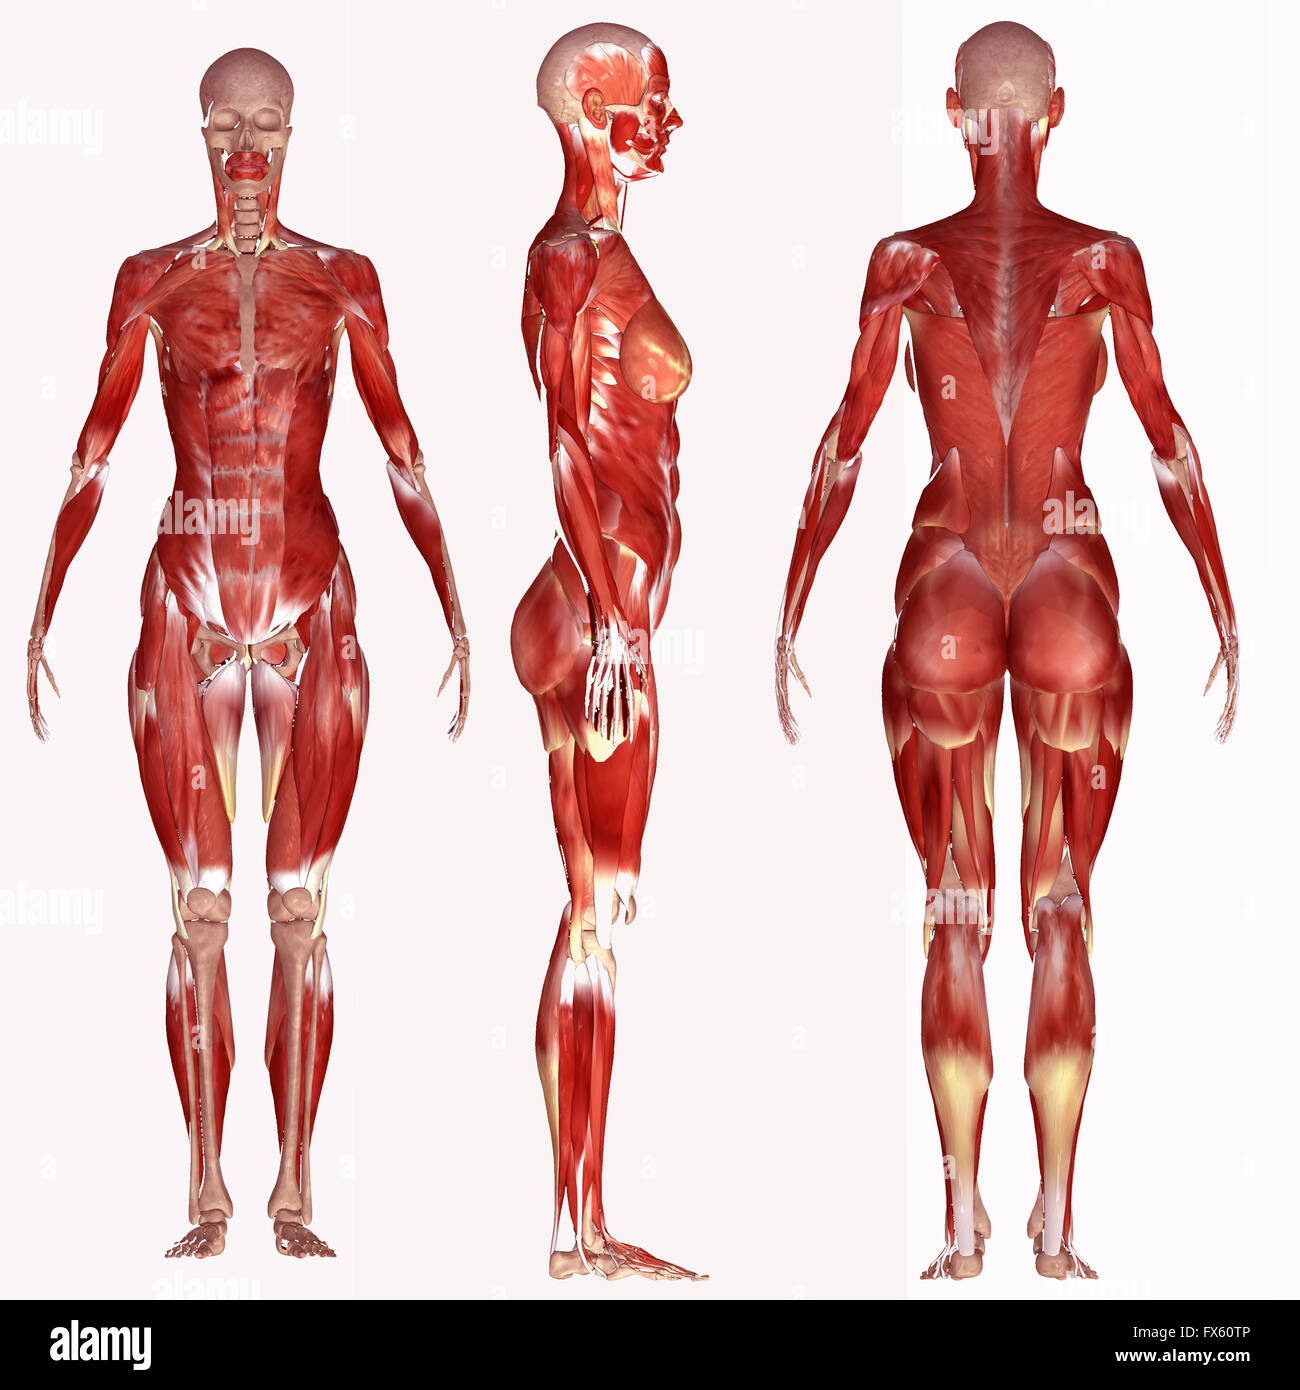 Menschen, Anatomie, Muskel, Körper, medizinische, Medizin ...